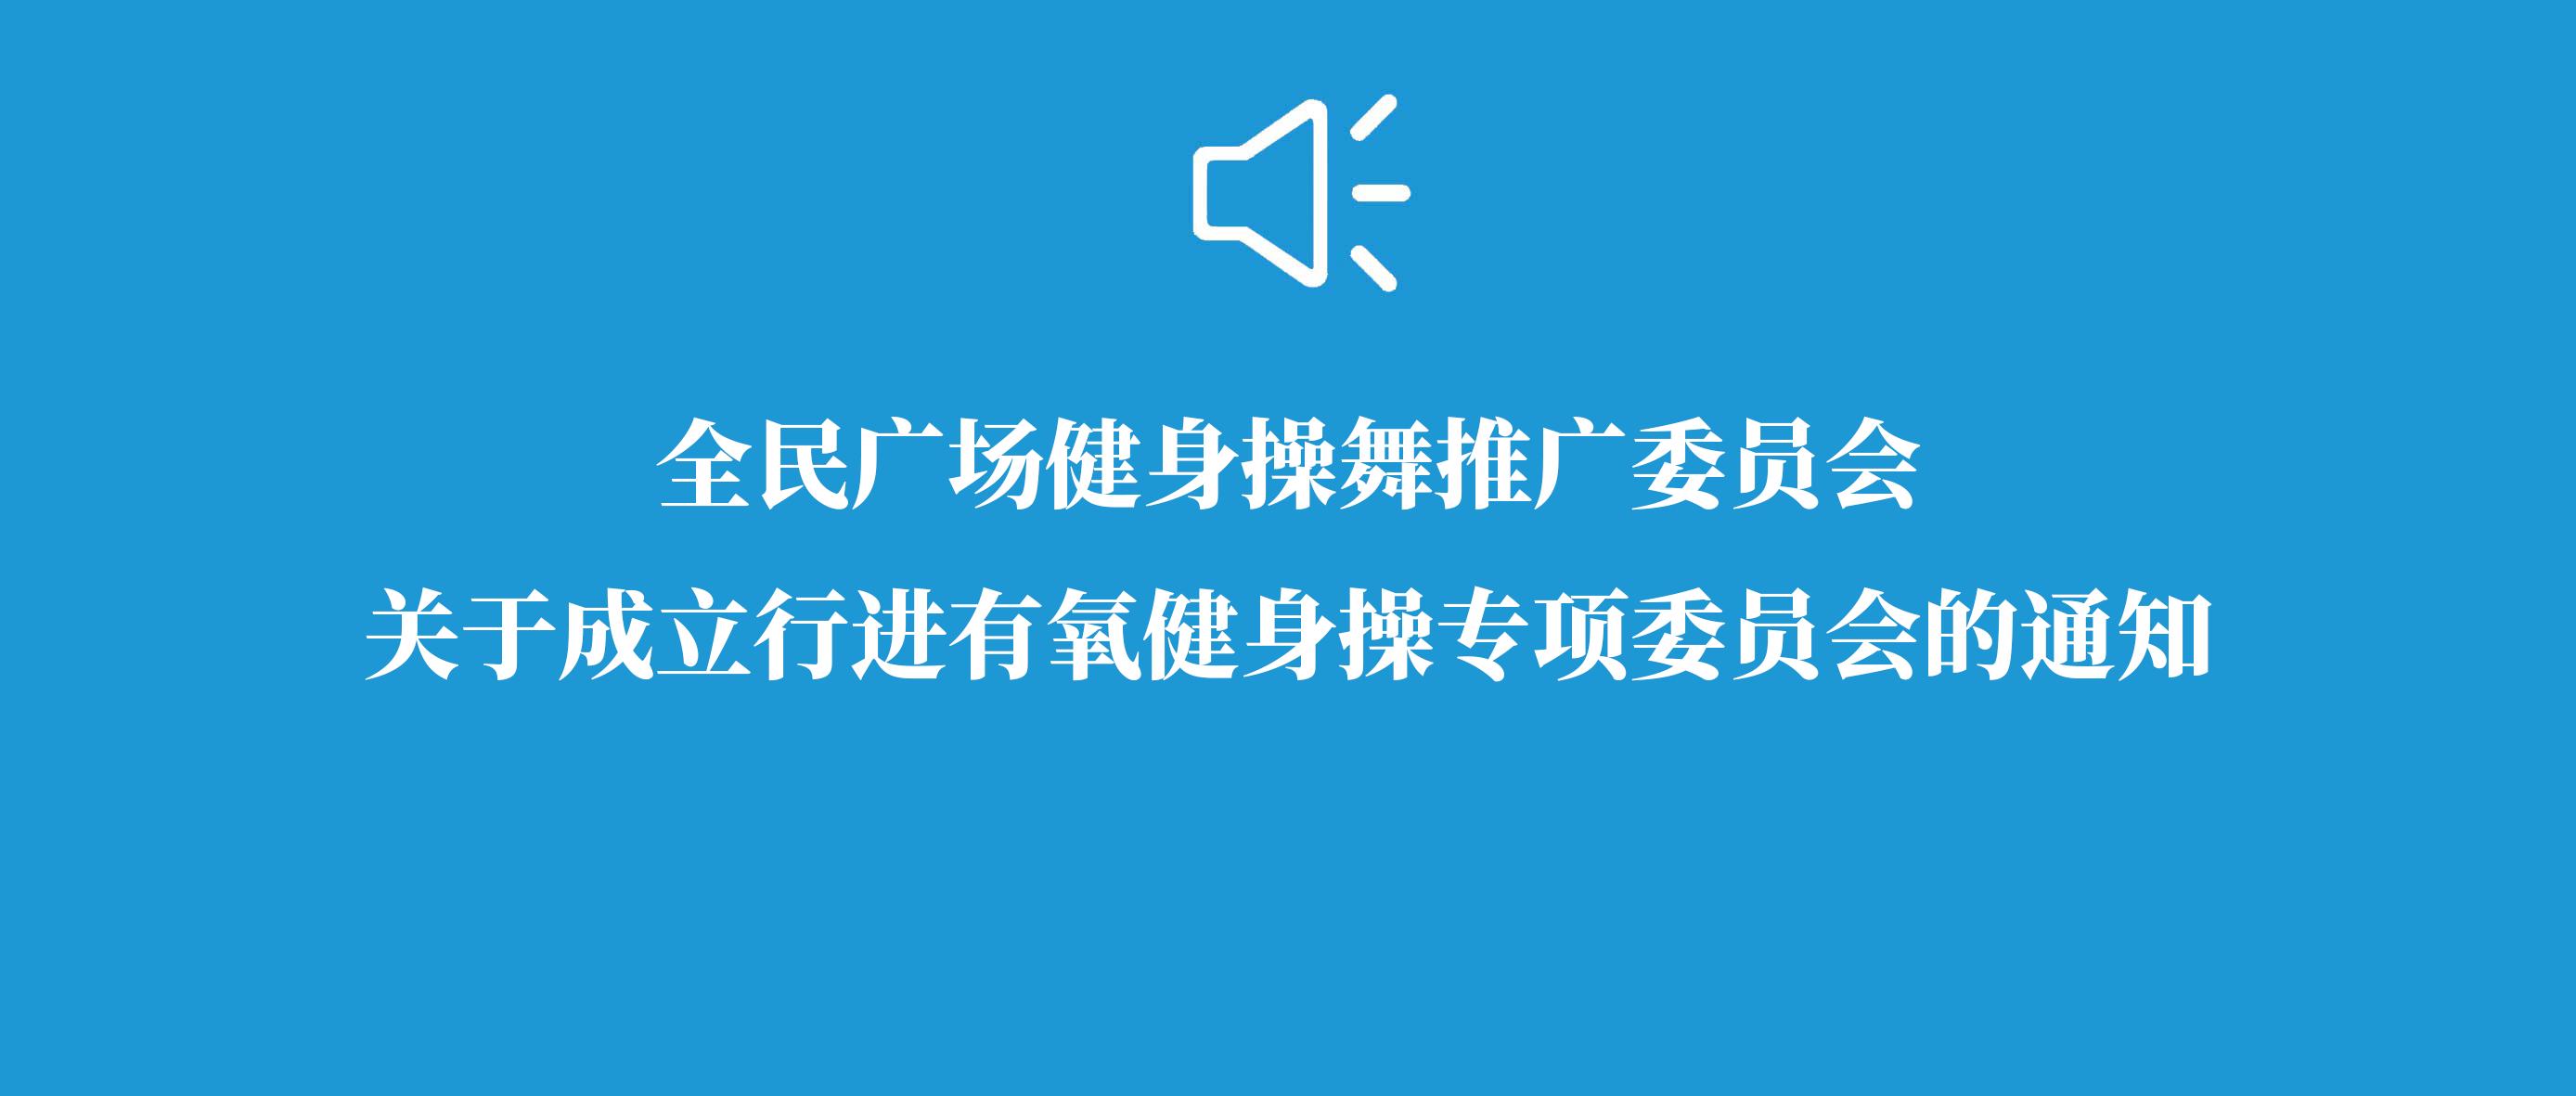 全民广场健身操舞推广委员会关于成立行进有氧健身操专项委员会的通知